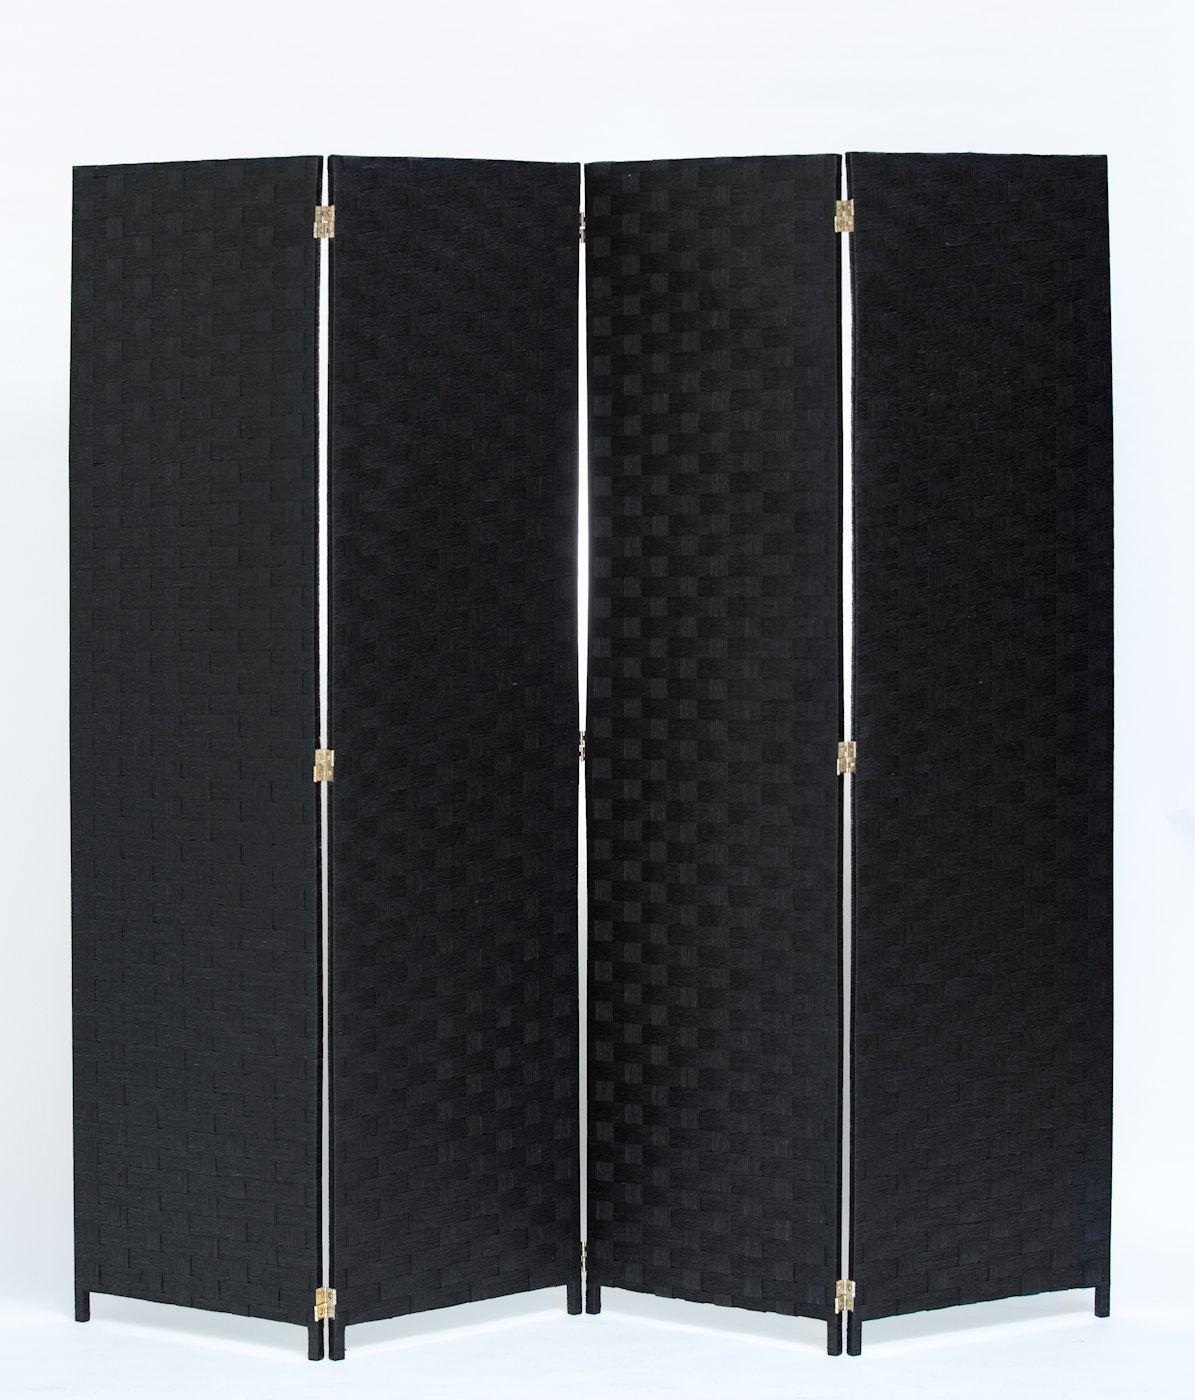 Room Divider 4 Panel Weave Design Paper Fiber Black Color By Legacy Decor